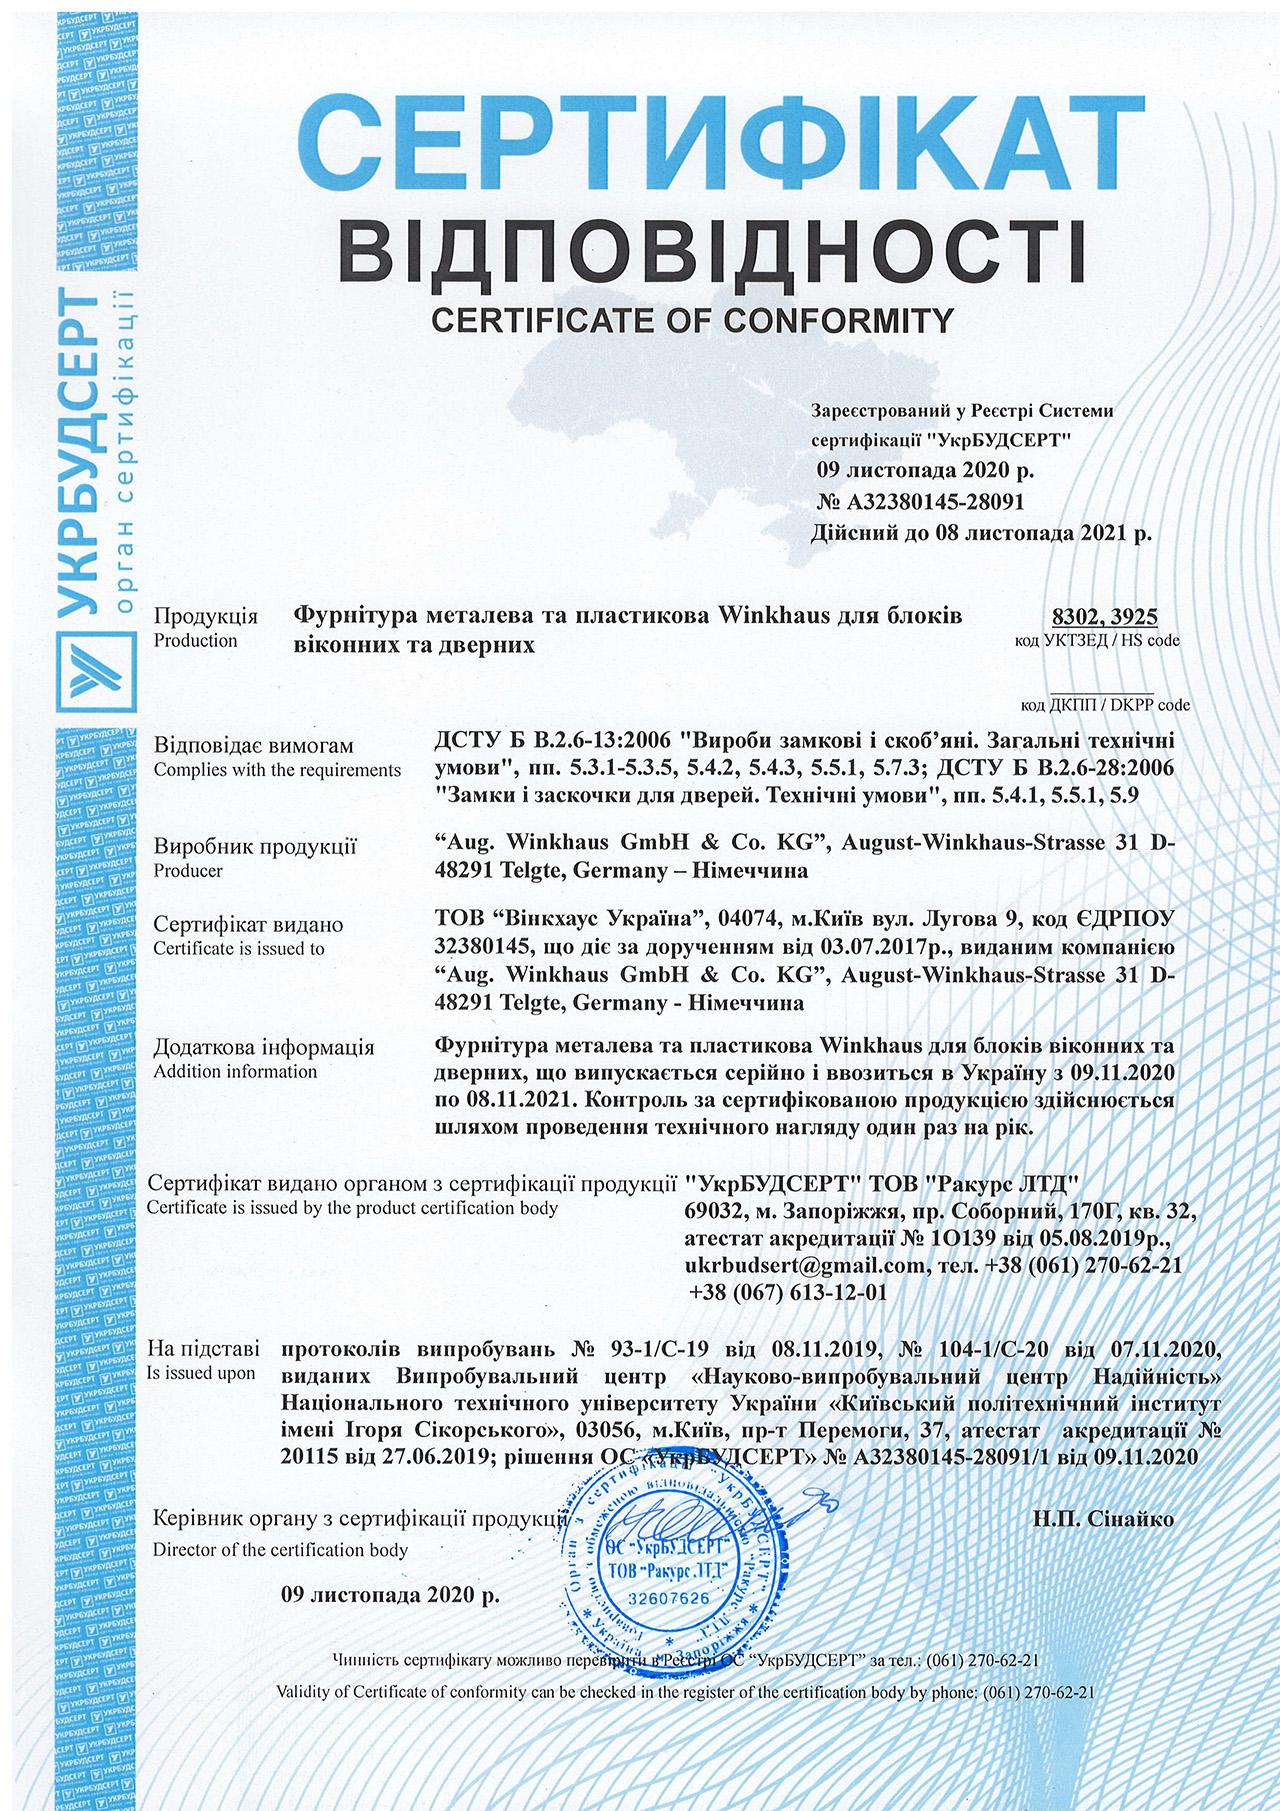 Сертифікат відповідності на фурнітуру Winkhaus для блоків віконних та дверних